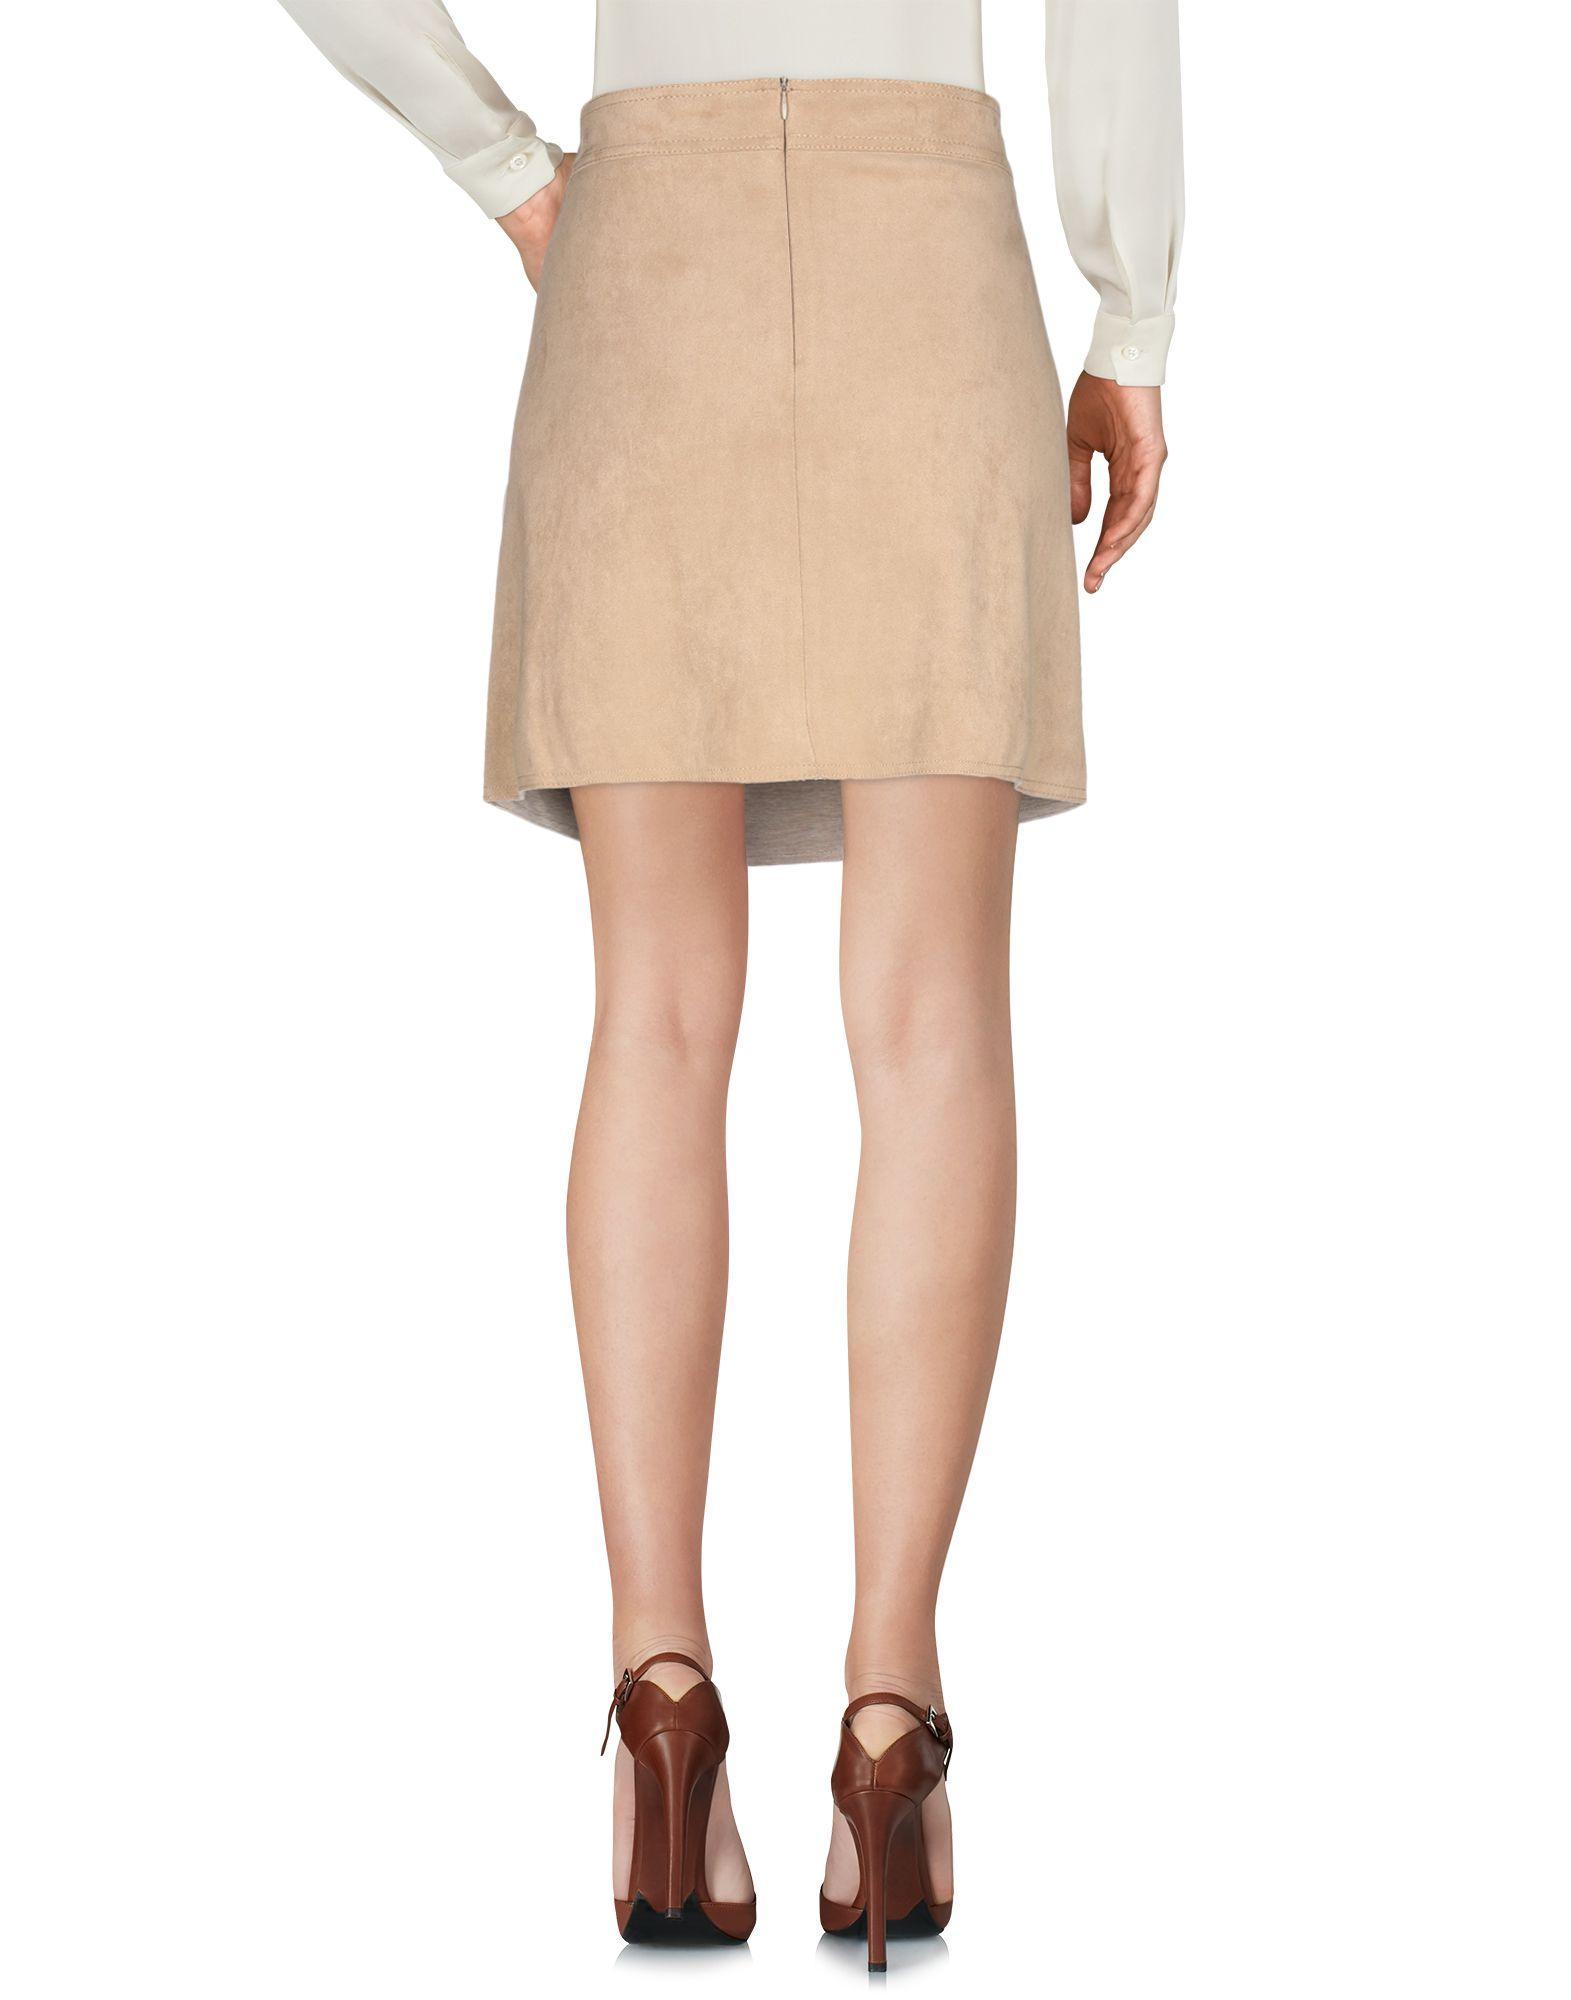 Minifalda Pennyblack de Tejido sintético de color Neutro